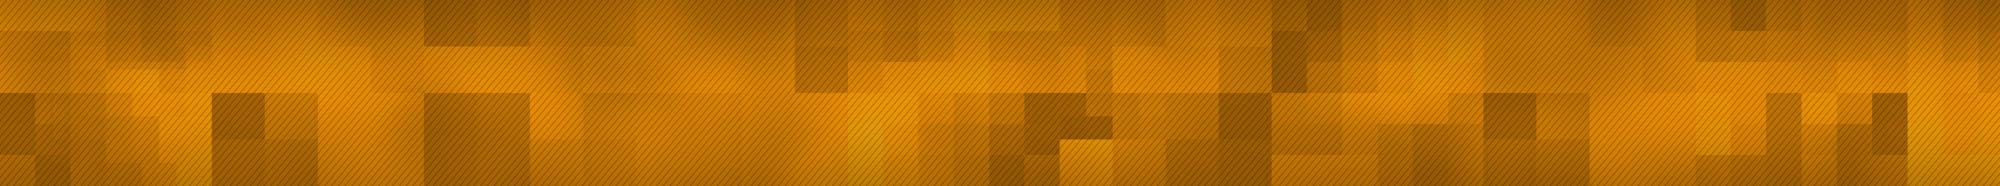 OrangeBG_01.jpg